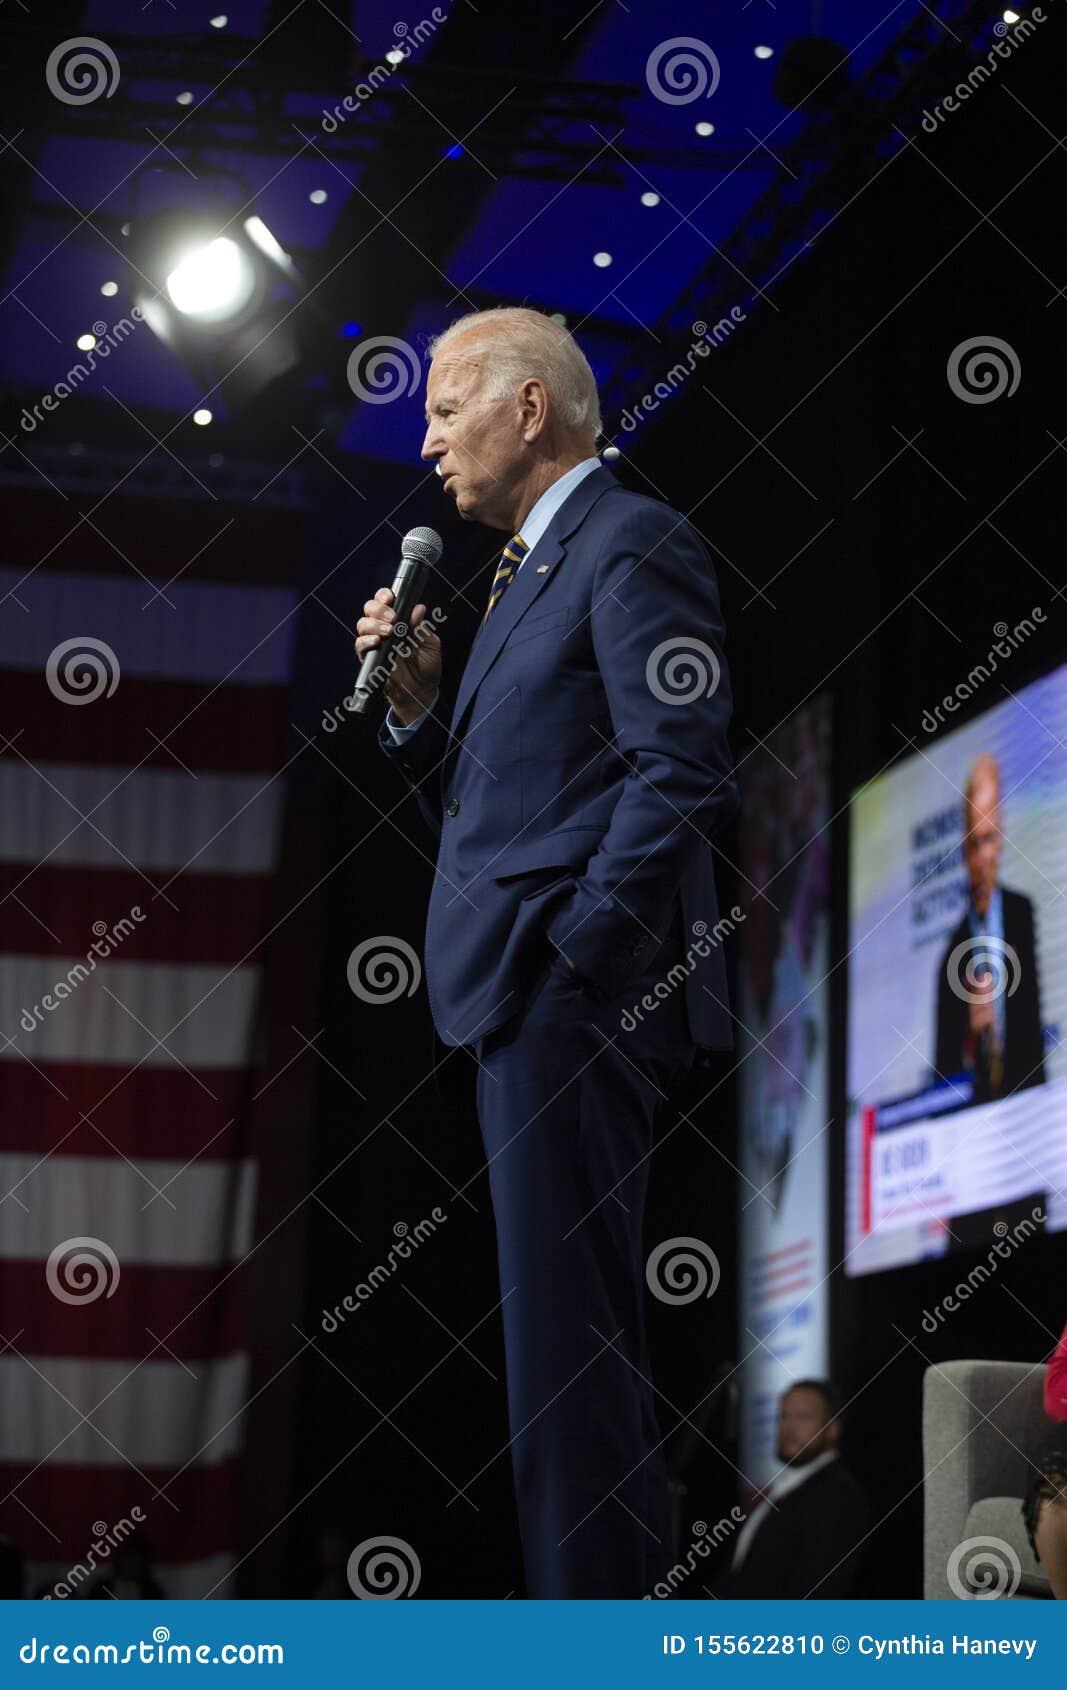 Joe Biden no fórum do sentido da arma o 10 de agosto de 2019, Des Moines, Iowa, EUA